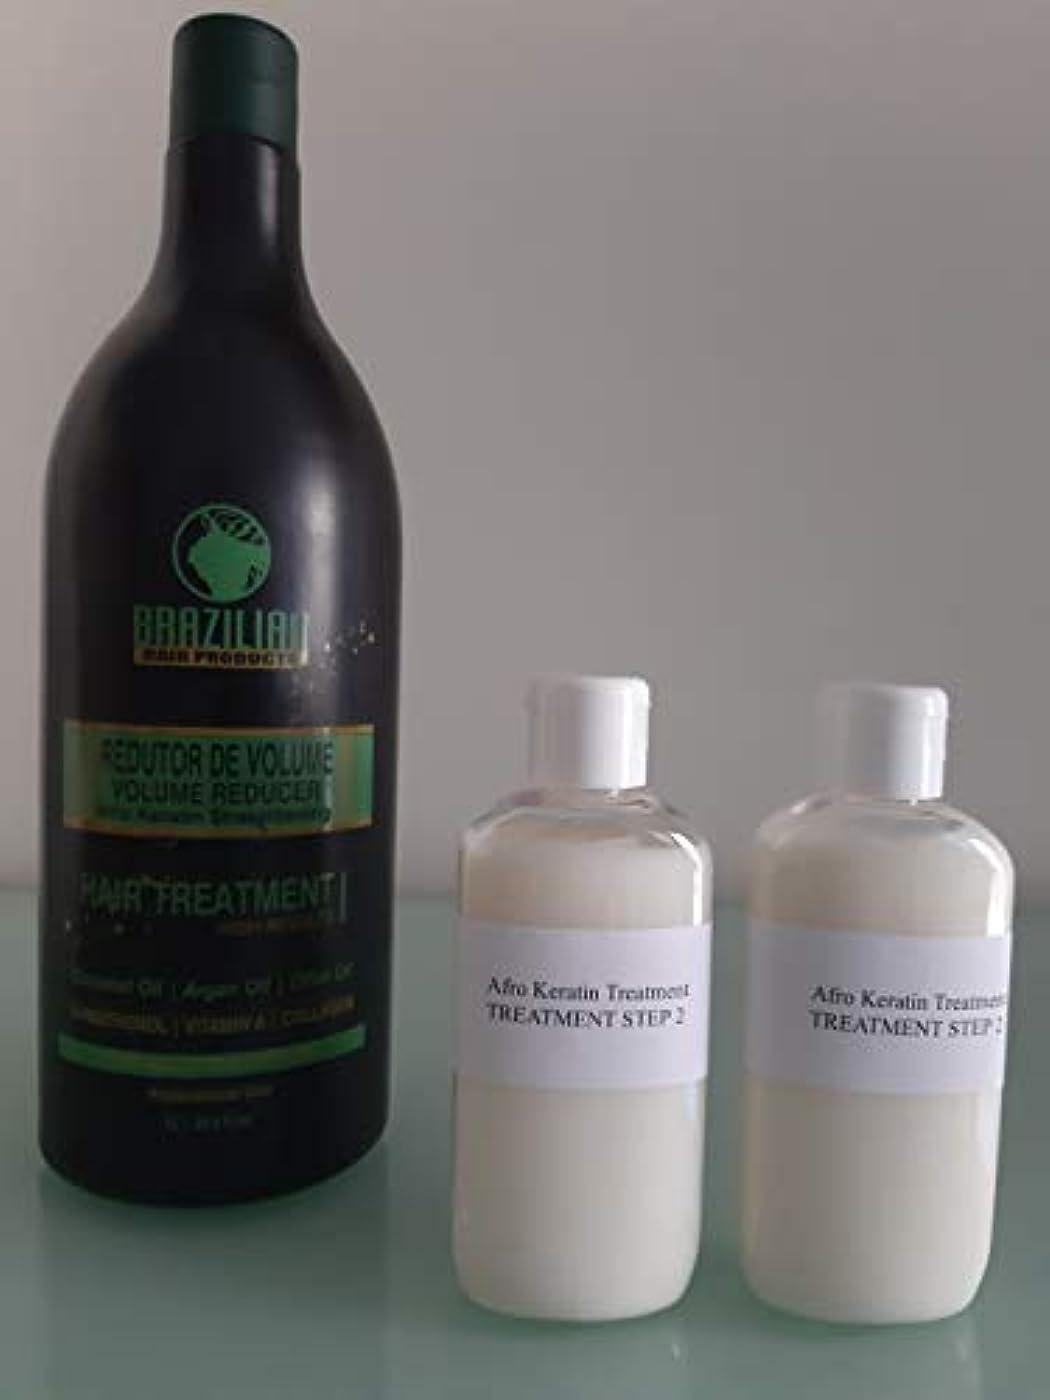 熟練したパネル履歴書アフロブラジルシステムケラチン毛矯正治療マルチサイズ (2 X 100ML ただケラチン)